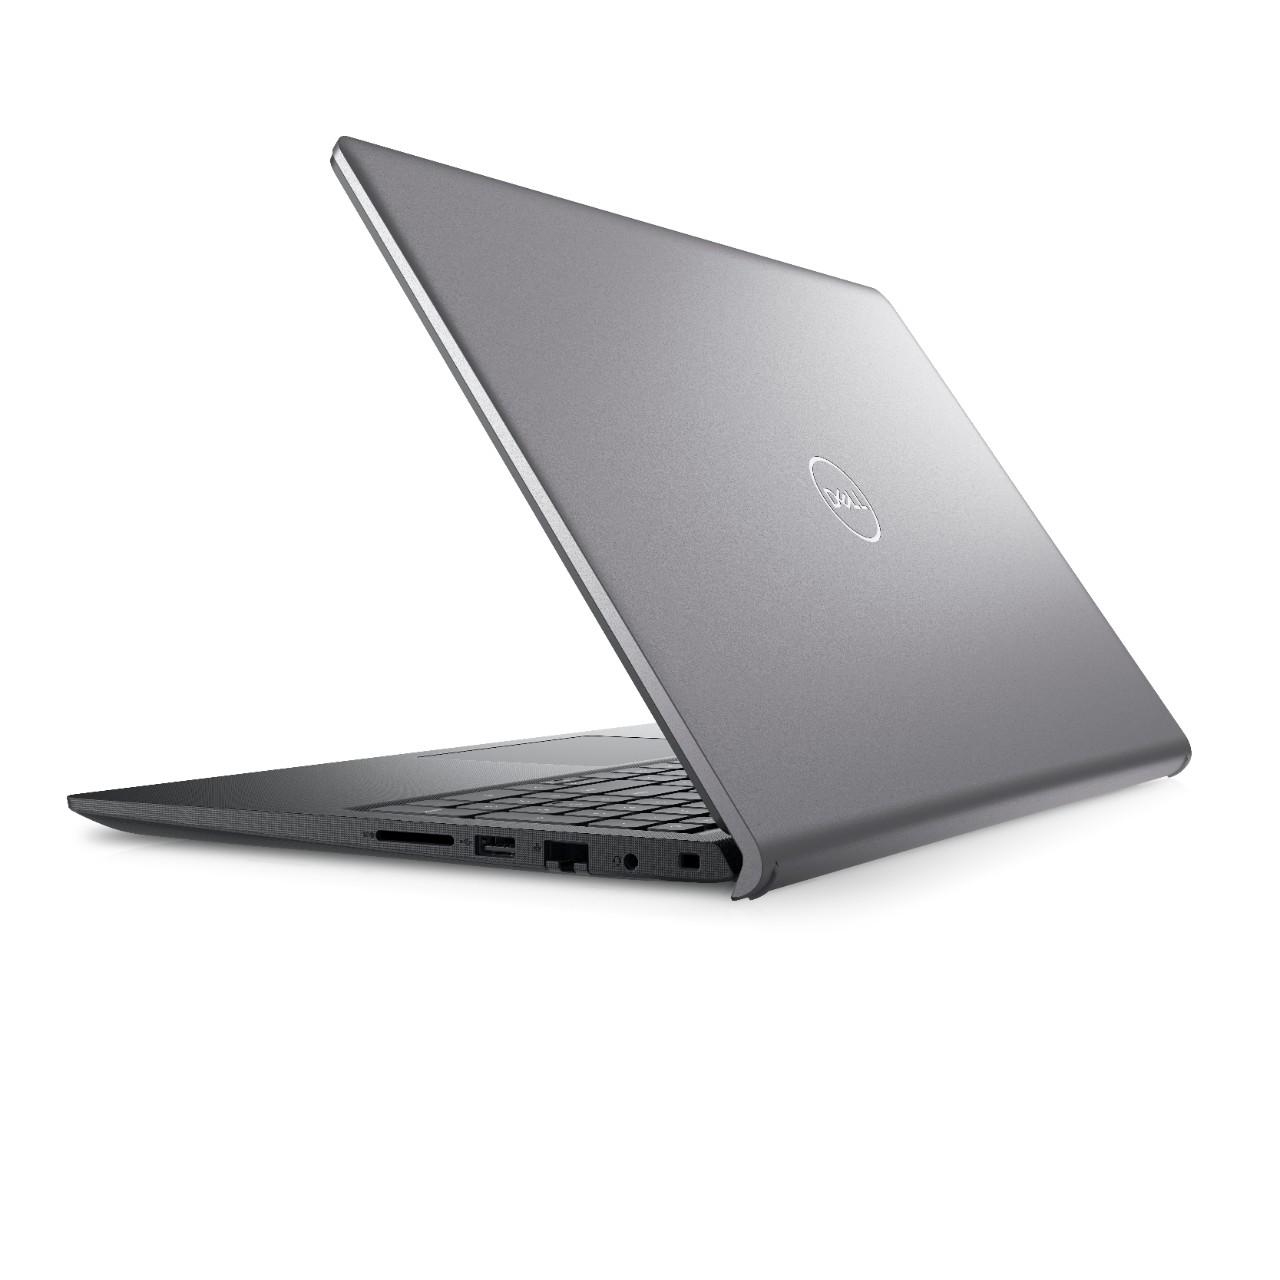 Dell Vostro 3515 15,6'' FHD AMD 5 3450U/8GB/512GB SSD/Vega 8/USB-C/FPR/MCR/HDMI/W10Pro/3RNBD/Černý - V0N97